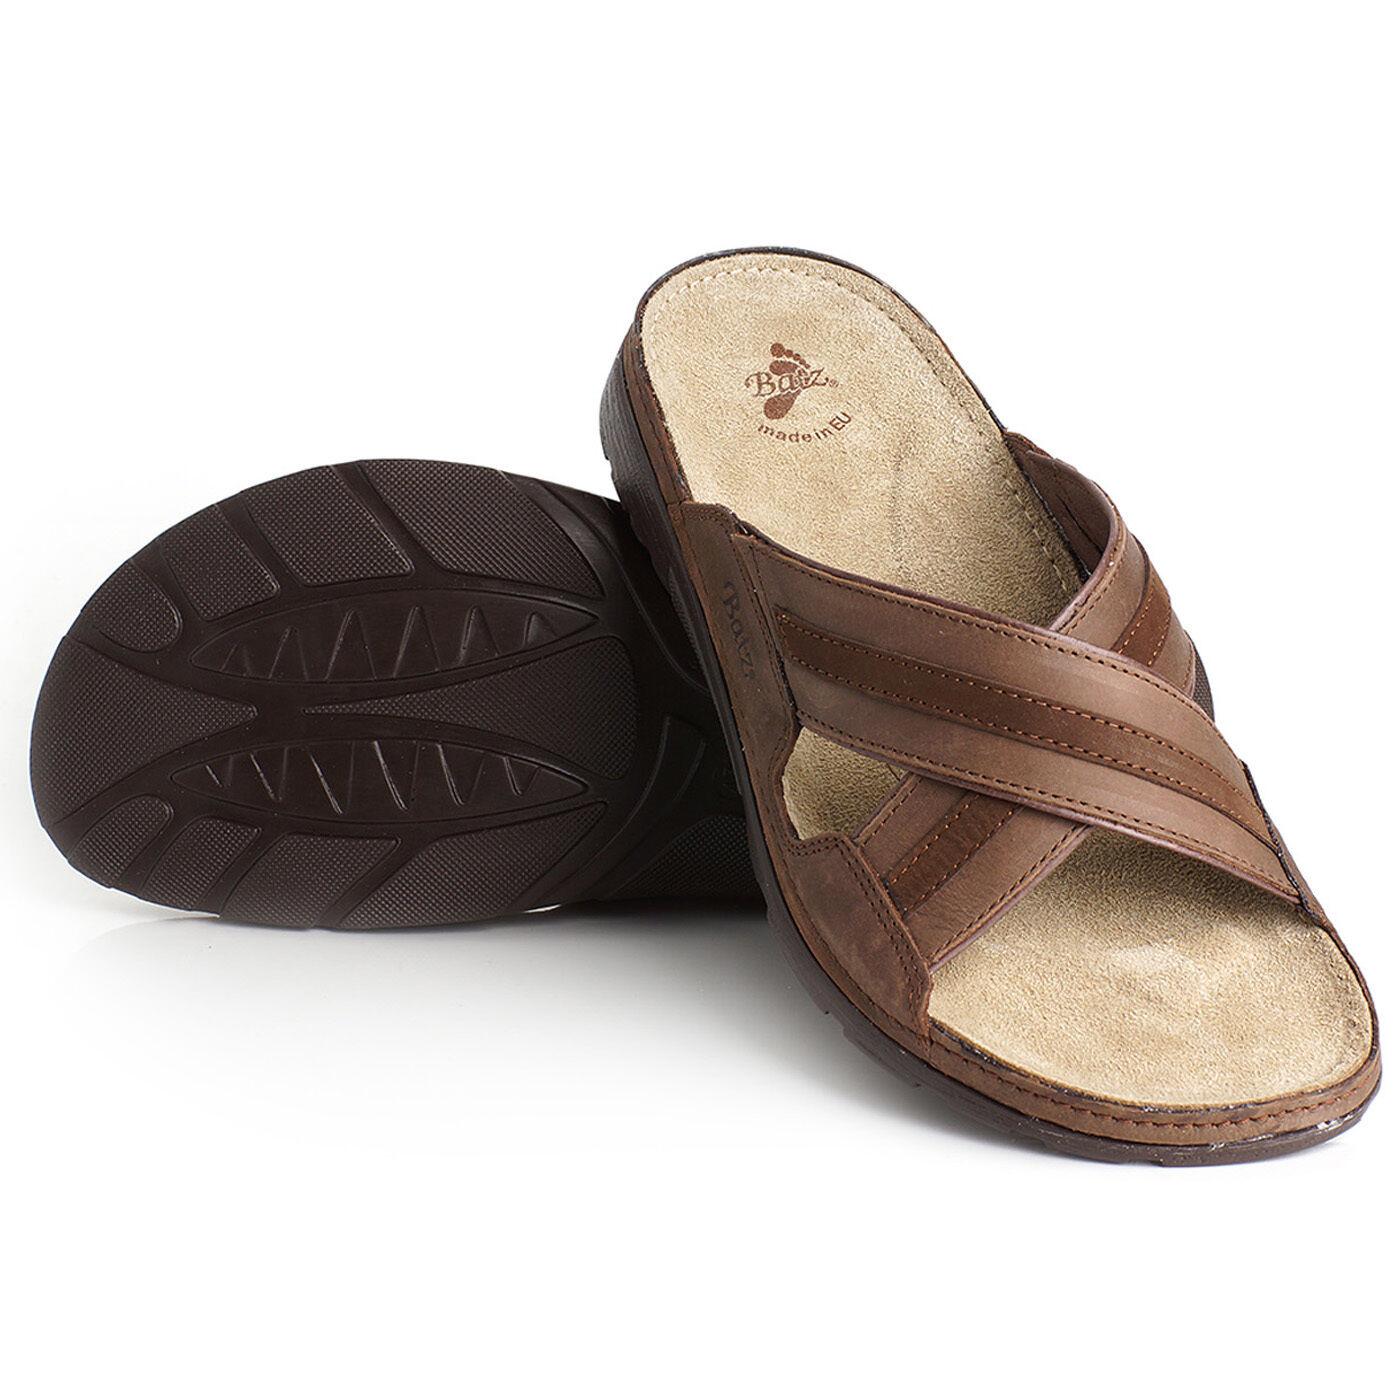 Batz Alex marrón calidad superior hecho a mano sandalias de cuero para hombres, de la UE 41-46 Reino Unido 7.5-11